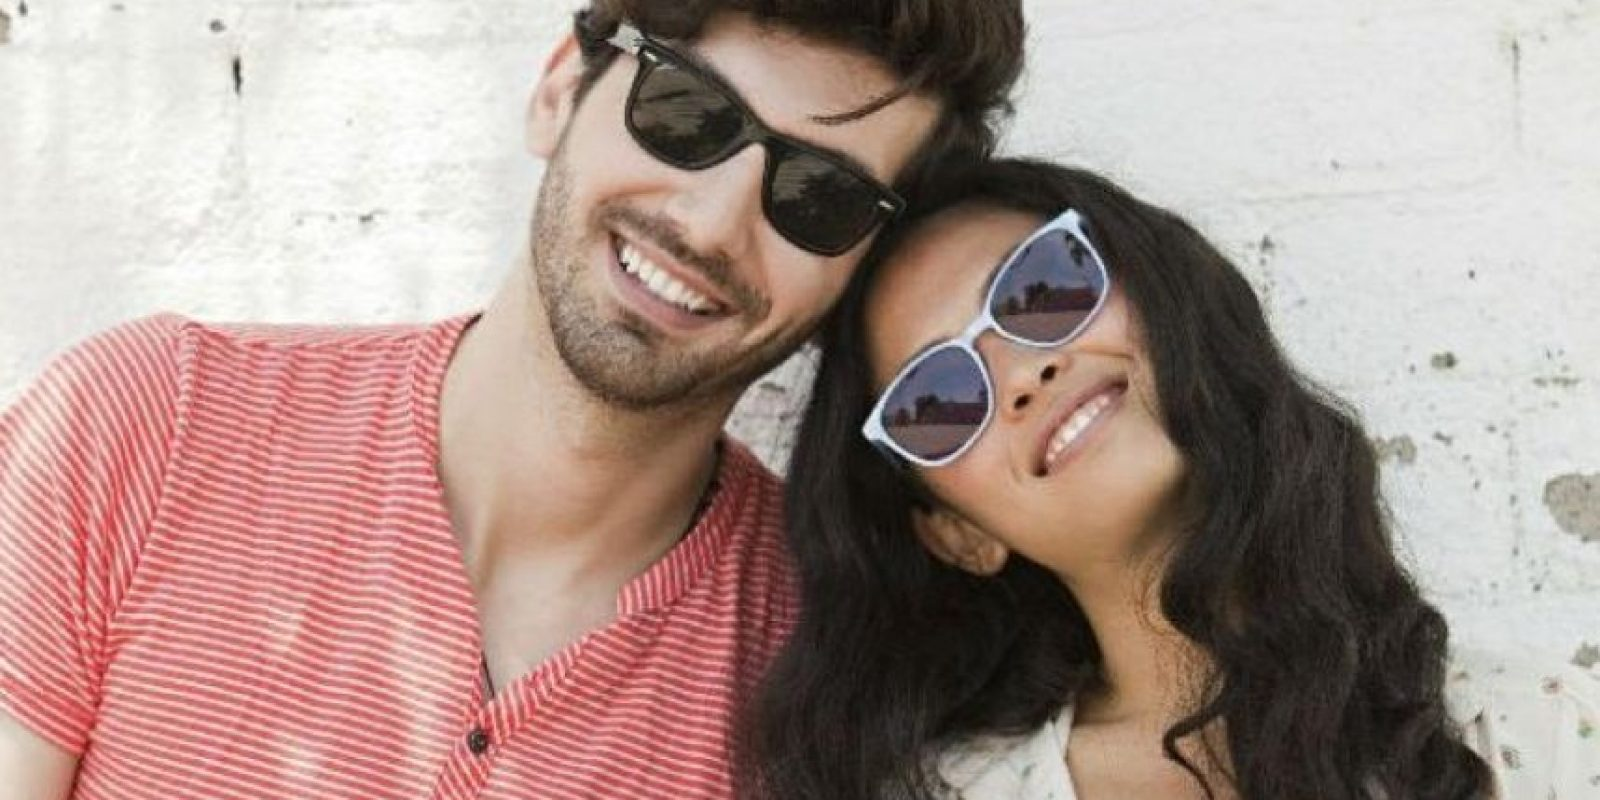 Los especialistas realizaron a la par un estudio sobre raza y religión, y encontraron que las razones principales citadas por las mujeres al inclinarse hacia hombres más altos que ellas eran la protección y la feminidad. Foto:Pinterest